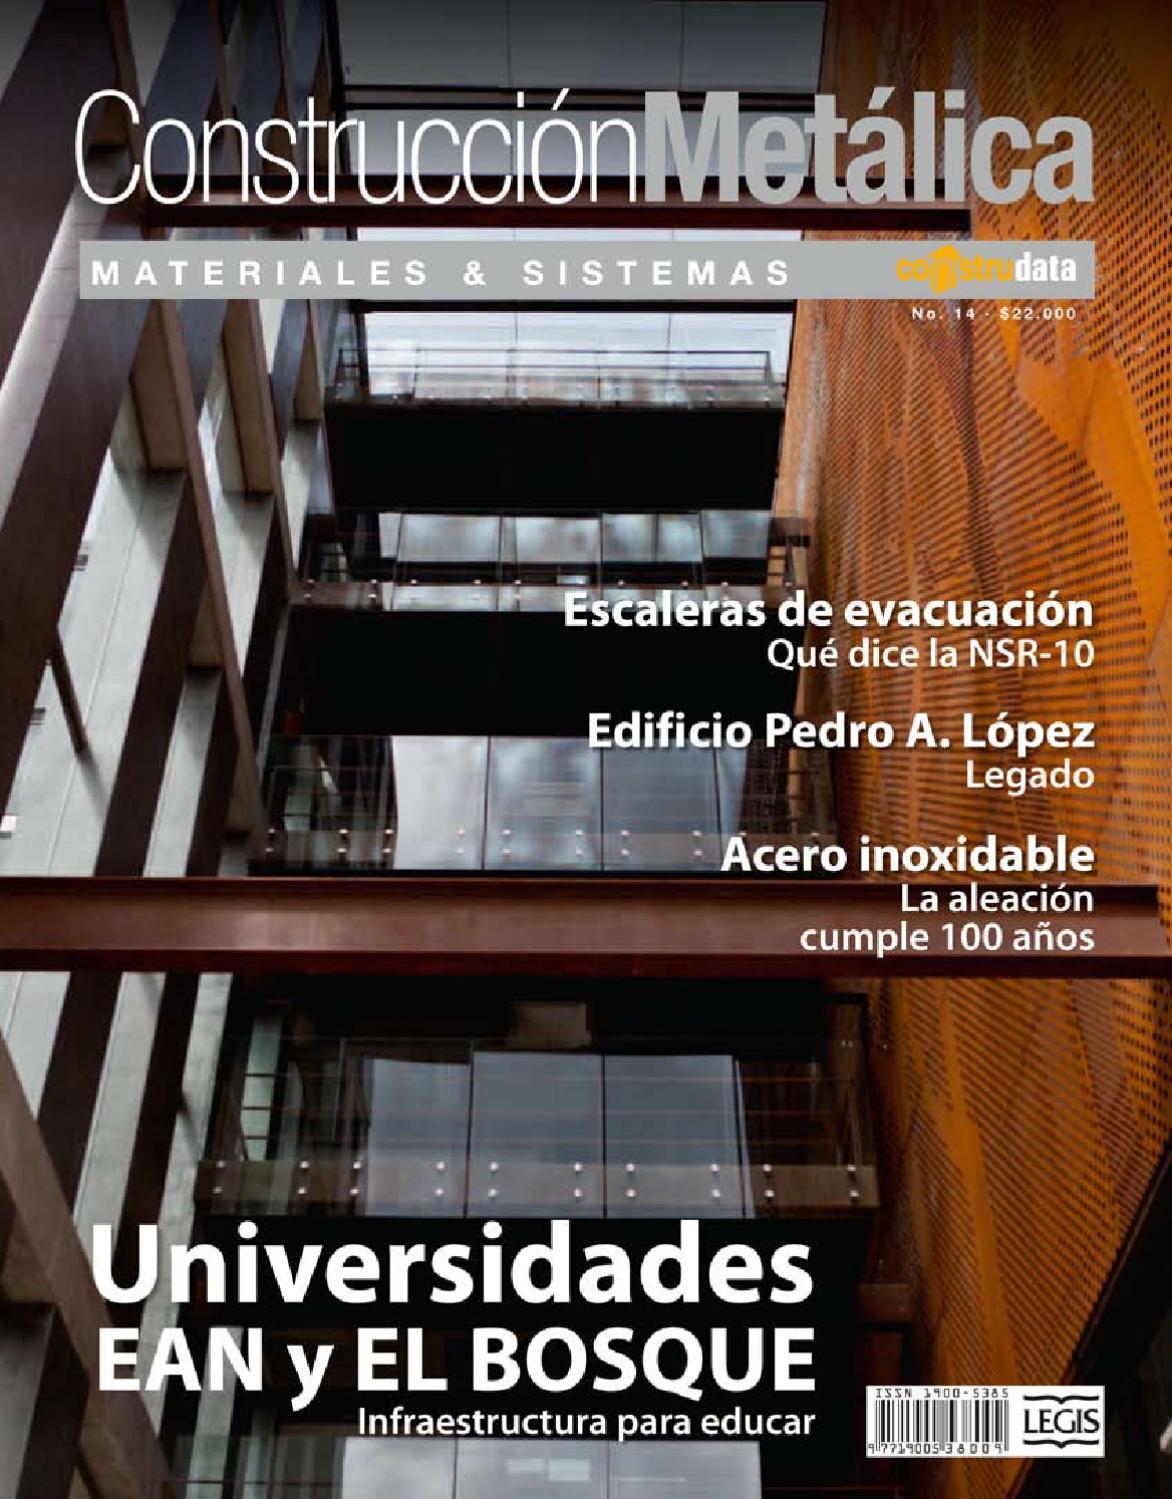 Revista Construcción Metálica Edición 14 by Hugo Martínez - issuu